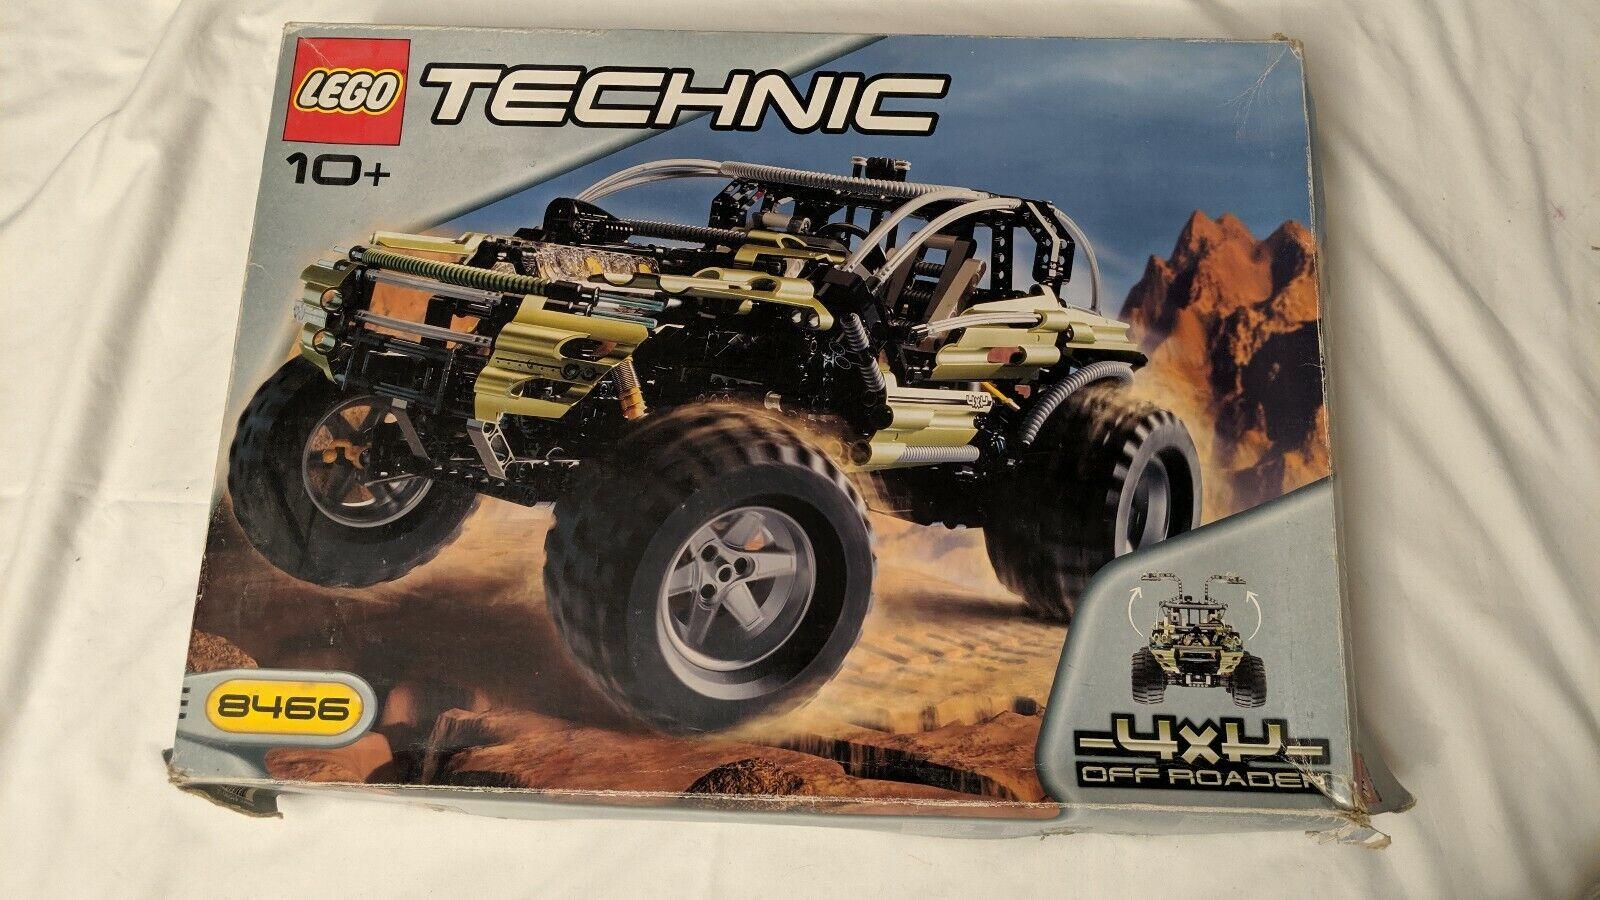 LEGO TECHNIC 8466  4x4  Off Roader  pas cher et de haute qualité